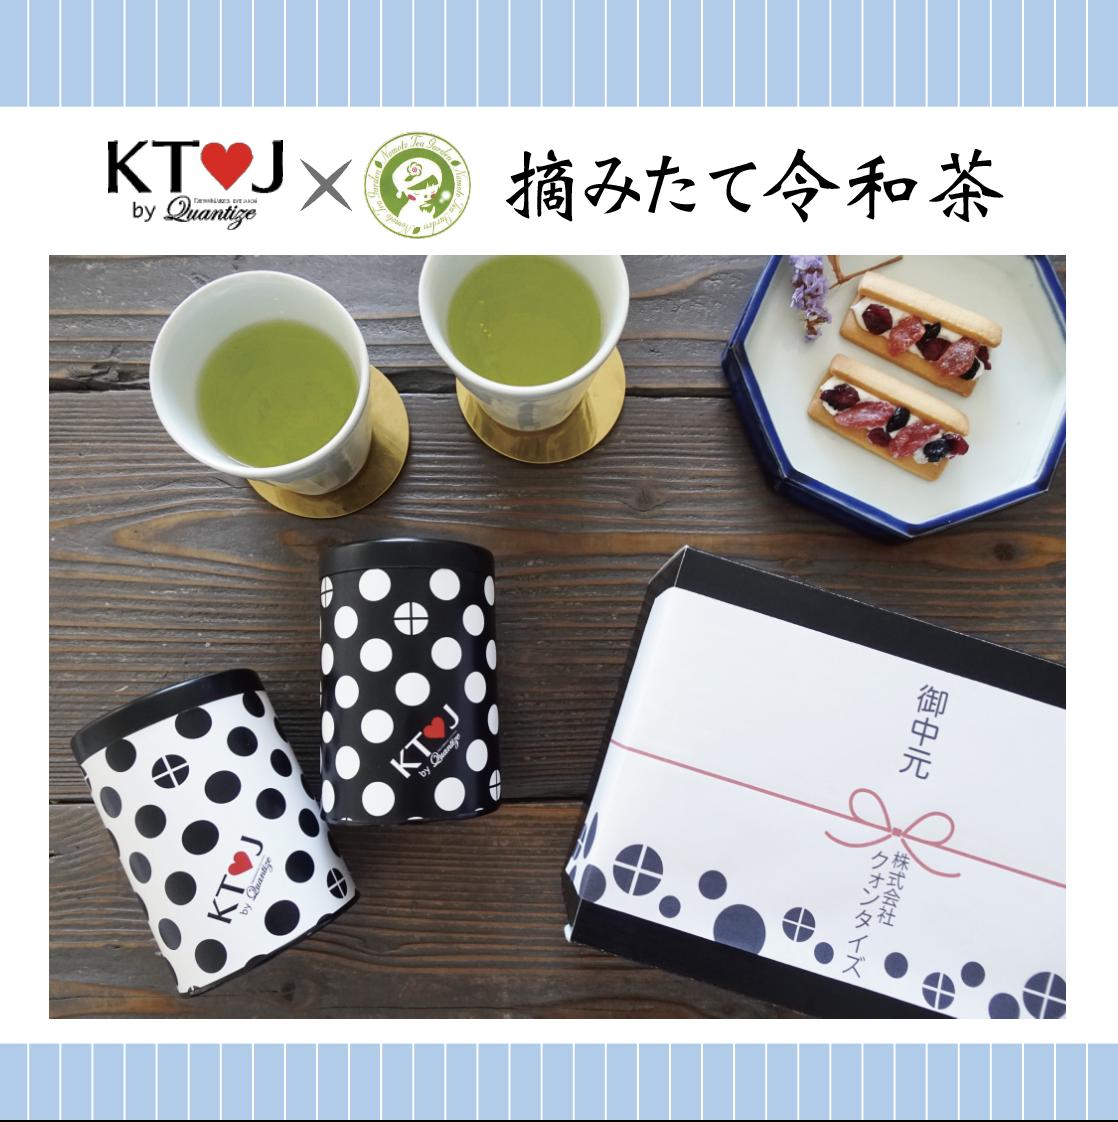 【お中元予約承り中】Quantize×野本園 KT♡J 令和茶・野本園一番茶セット